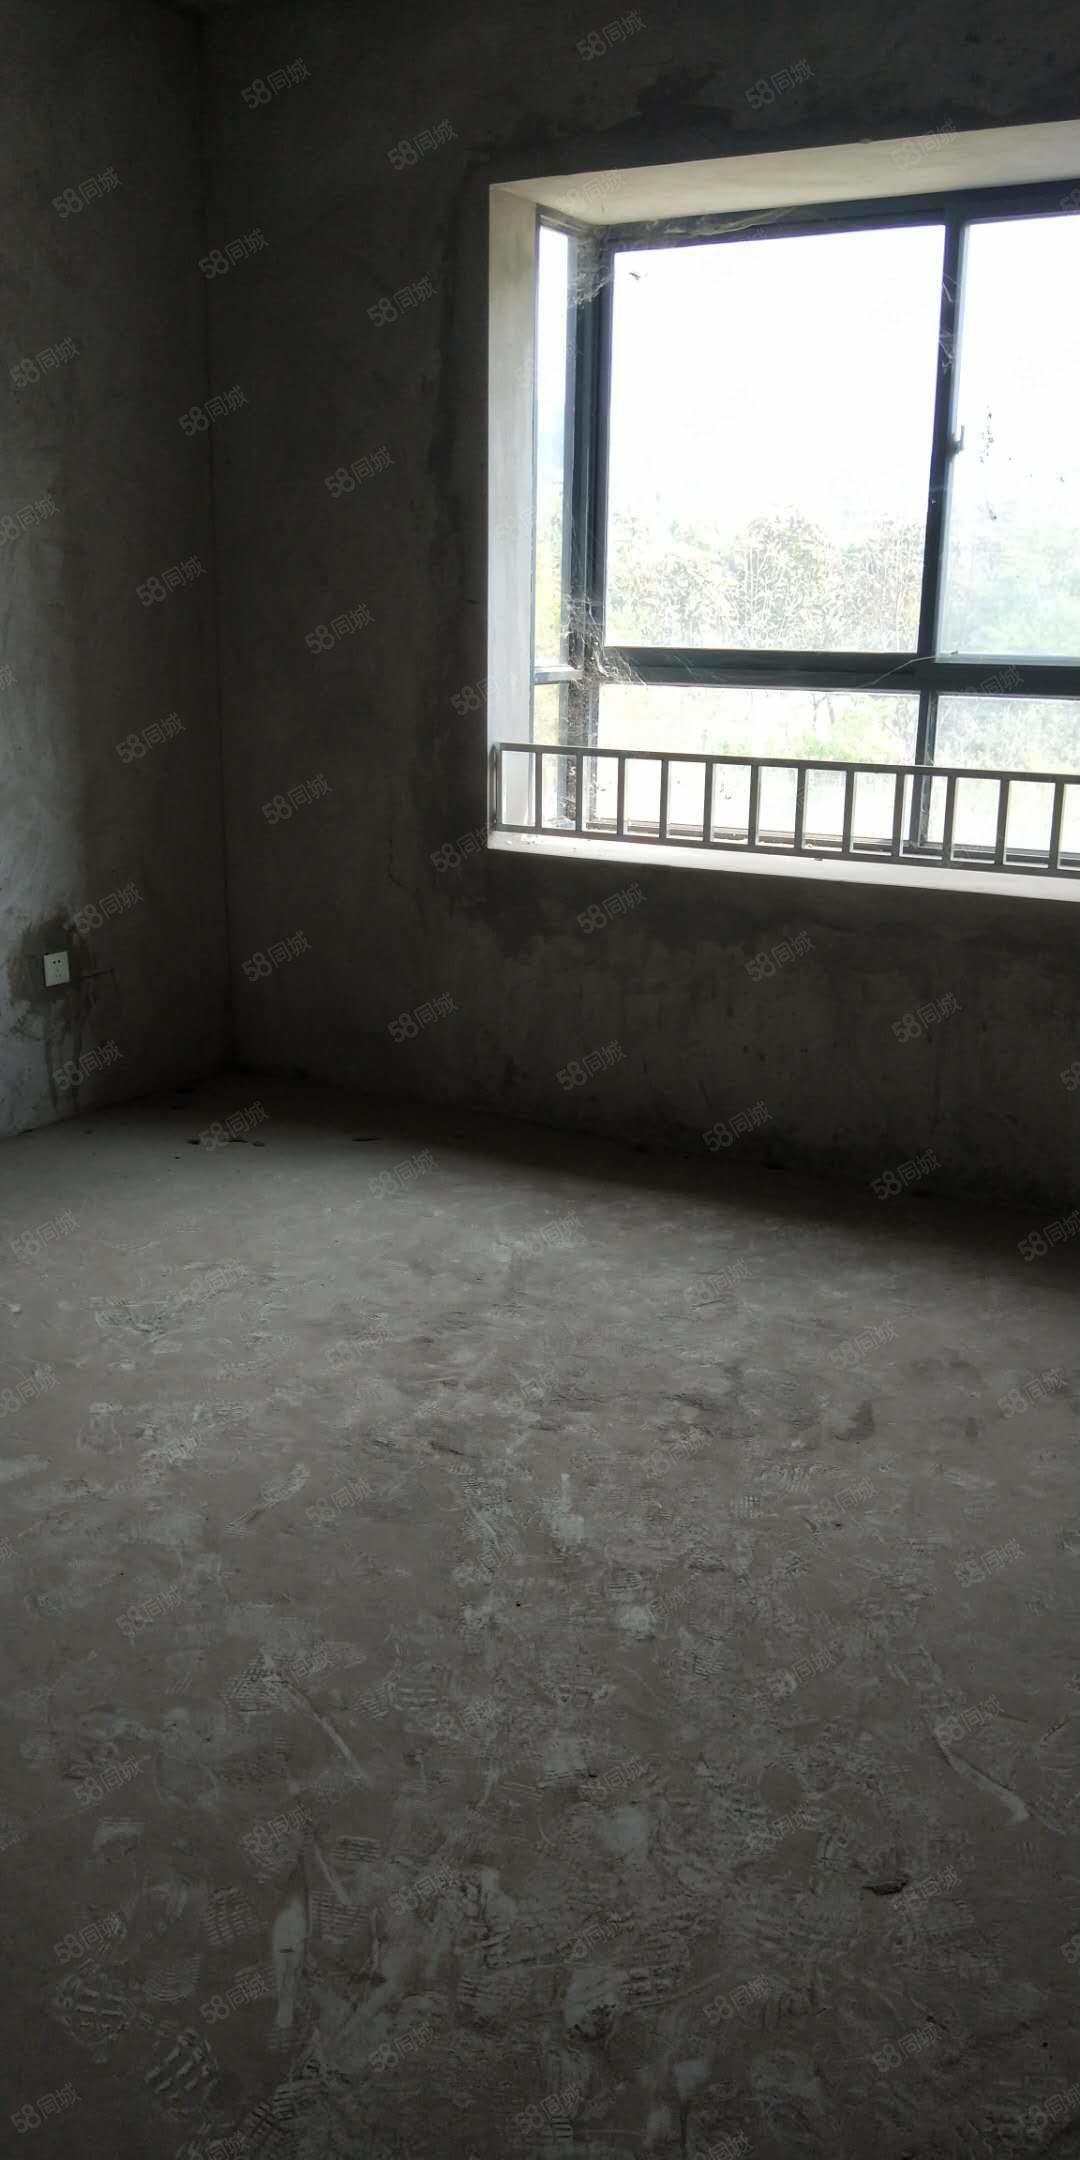 900文庭雅苑毛坯房116平米在3楼6层可以按揭贷款